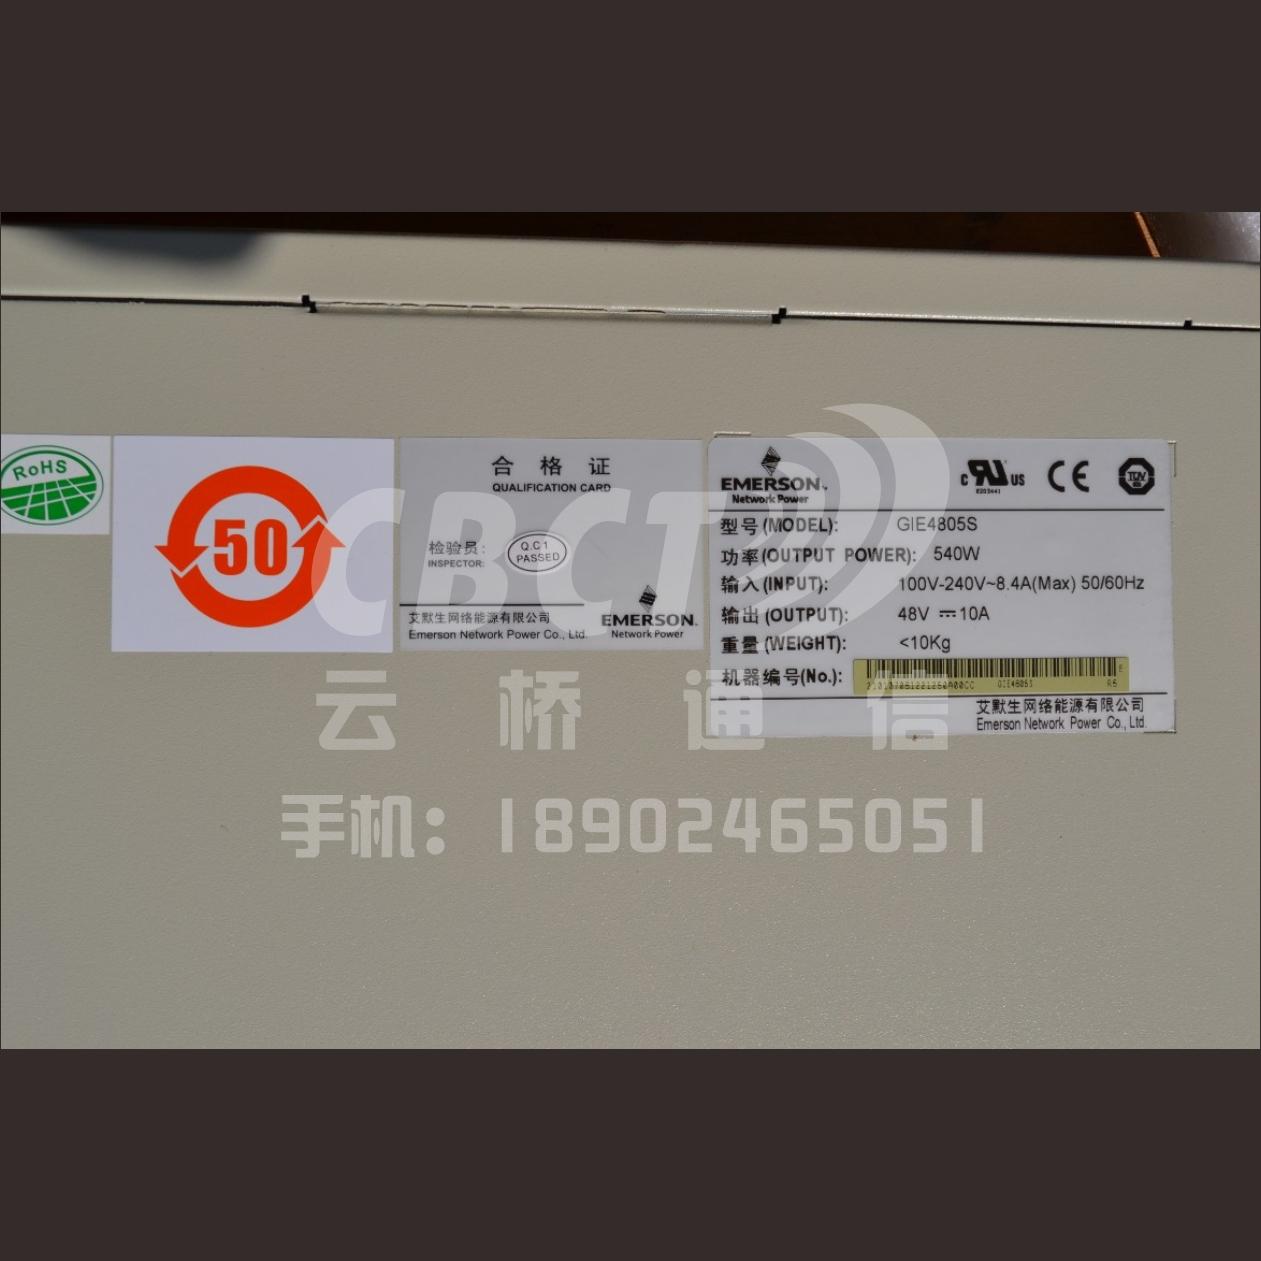 ¡El paquete!Emerson Gie4805S integrado de suministro de energía, 48v / 10A